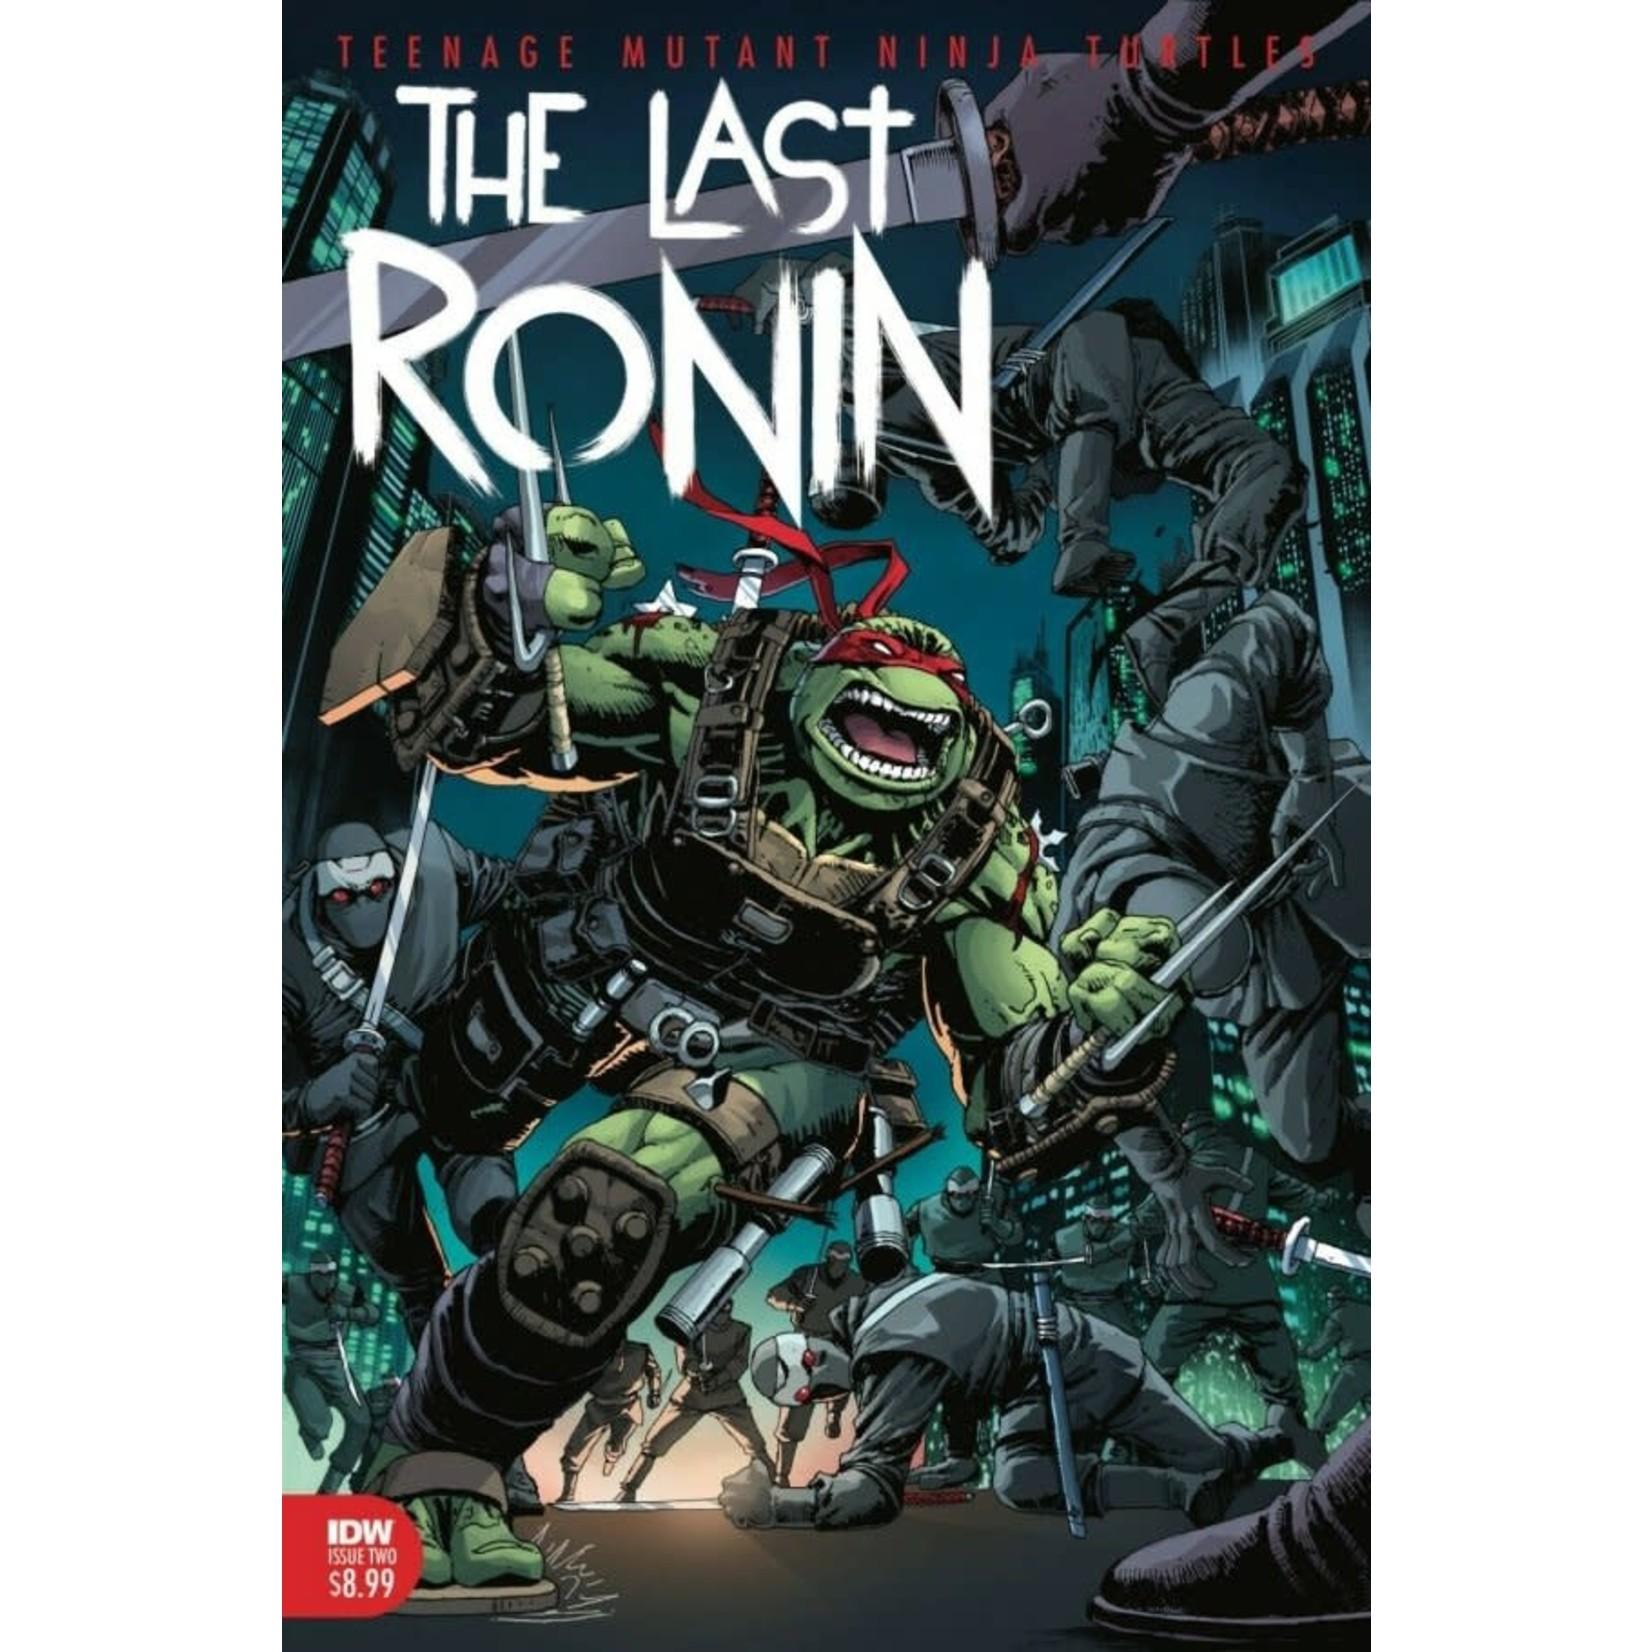 Copy of Teenage Mutant Ninja Turtles: The Last Ronin #1